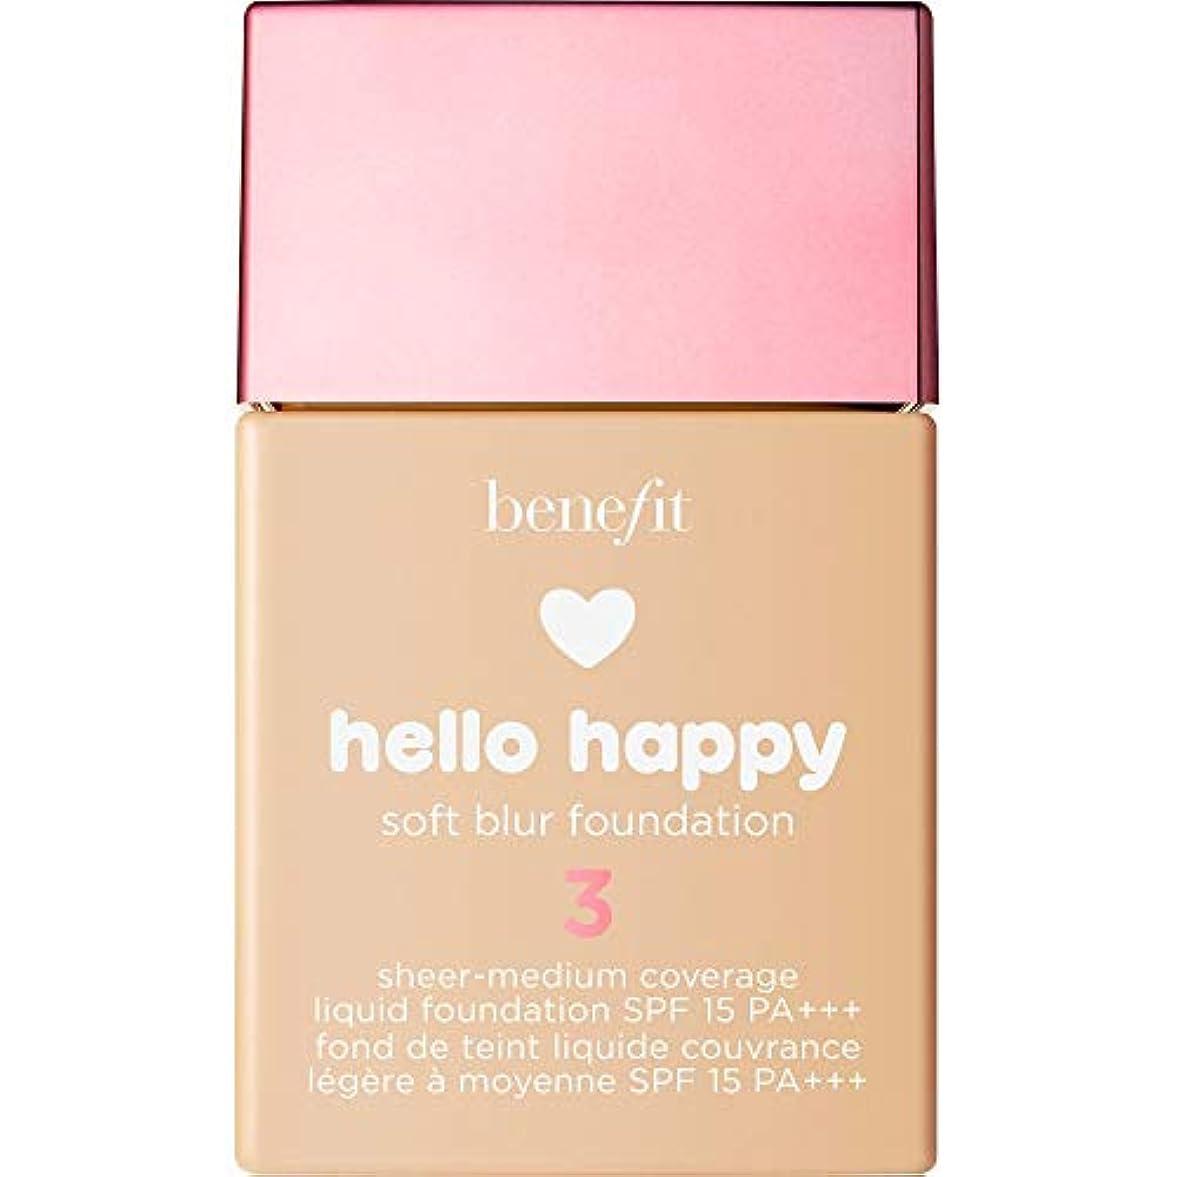 機会モザイク社員[Benefit ] 利益こんにちは幸せなソフトブラー基礎Spf15 30ミリリットル3 - ニュートラルライト - Benefit Hello Happy Soft Blur Foundation SPF15 30ml...